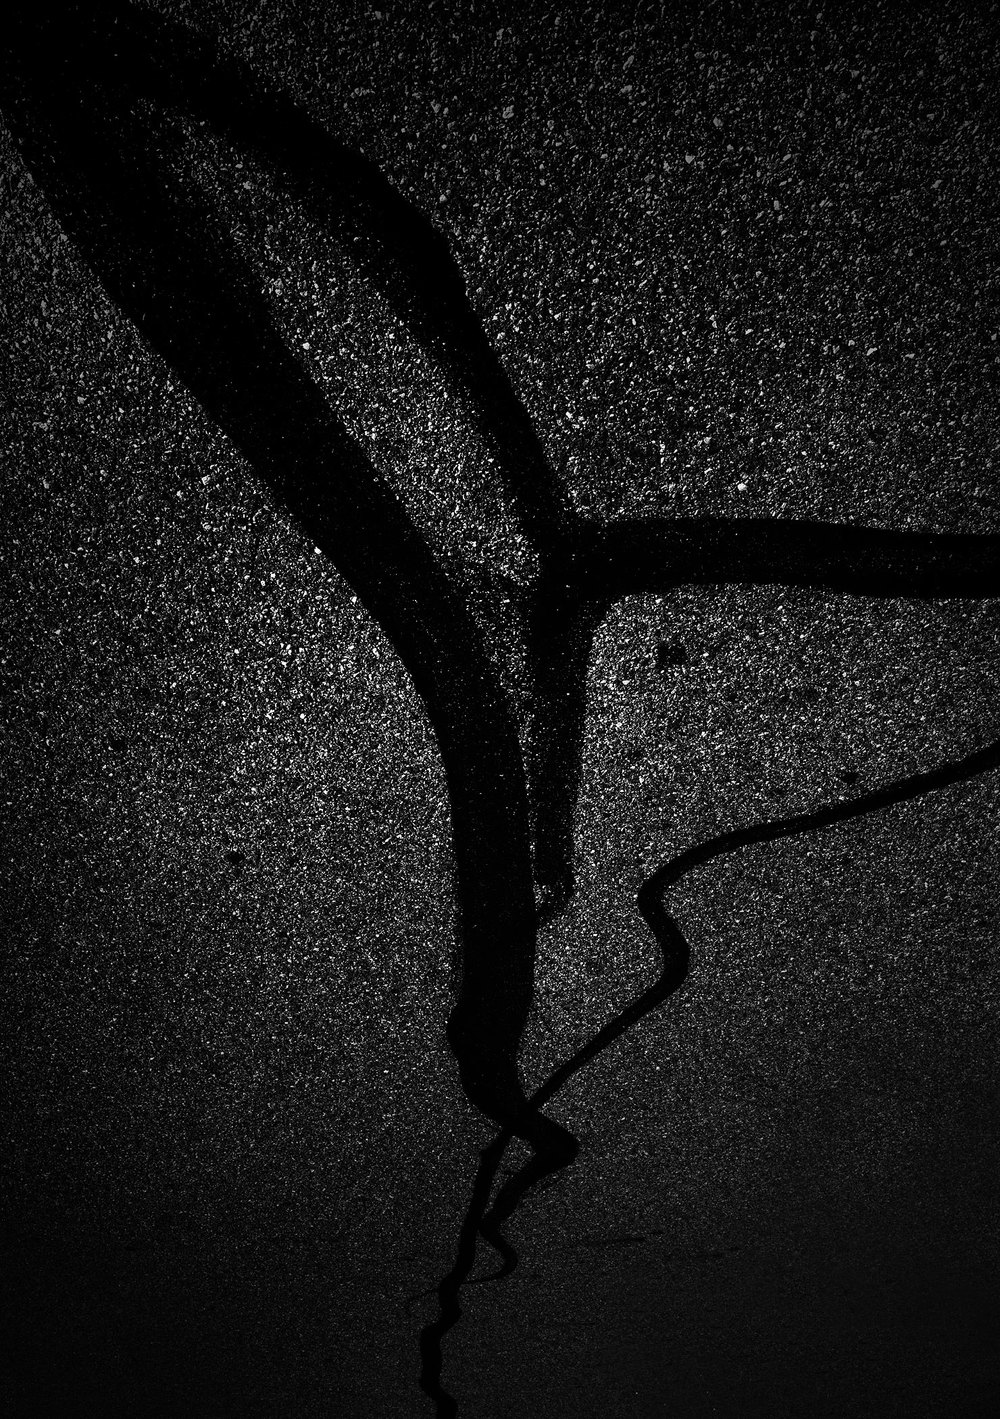 fotografia-notturna-bianco-nero-strade-sembrano-cielo-stellato-michael-massaia-3